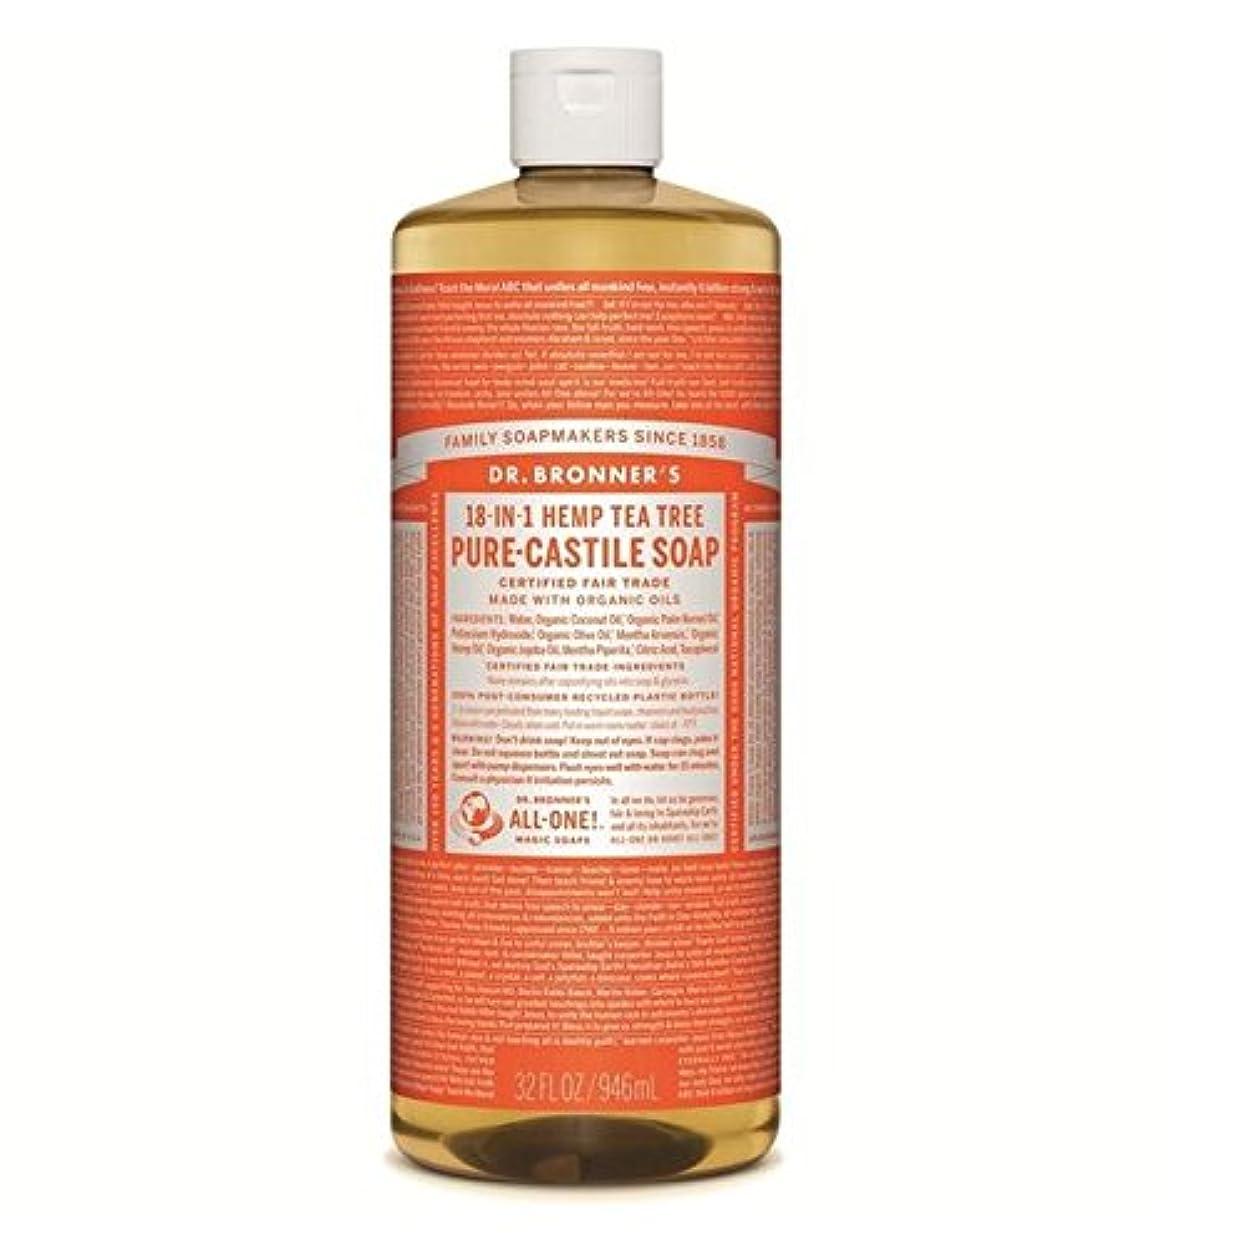 ひどく話す同志Dr Bronner Organic Tea Tree Castile Liquid Soap 946ml - のブロナーオーガニックティーツリーカスティーリャ液体石鹸946ミリリットル [並行輸入品]